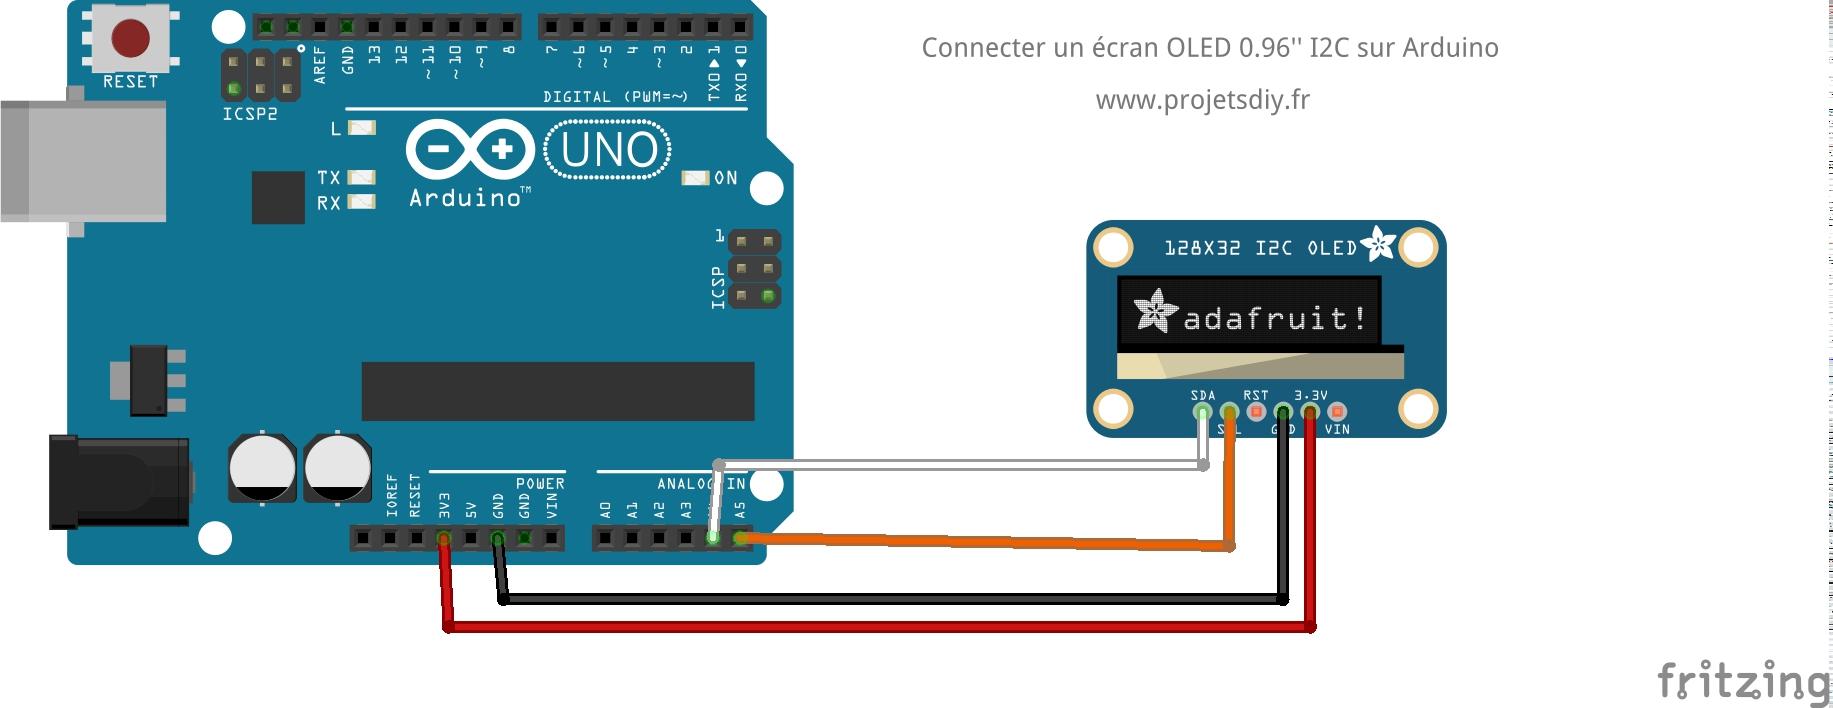 Picture of Câblage De L'écran OLED